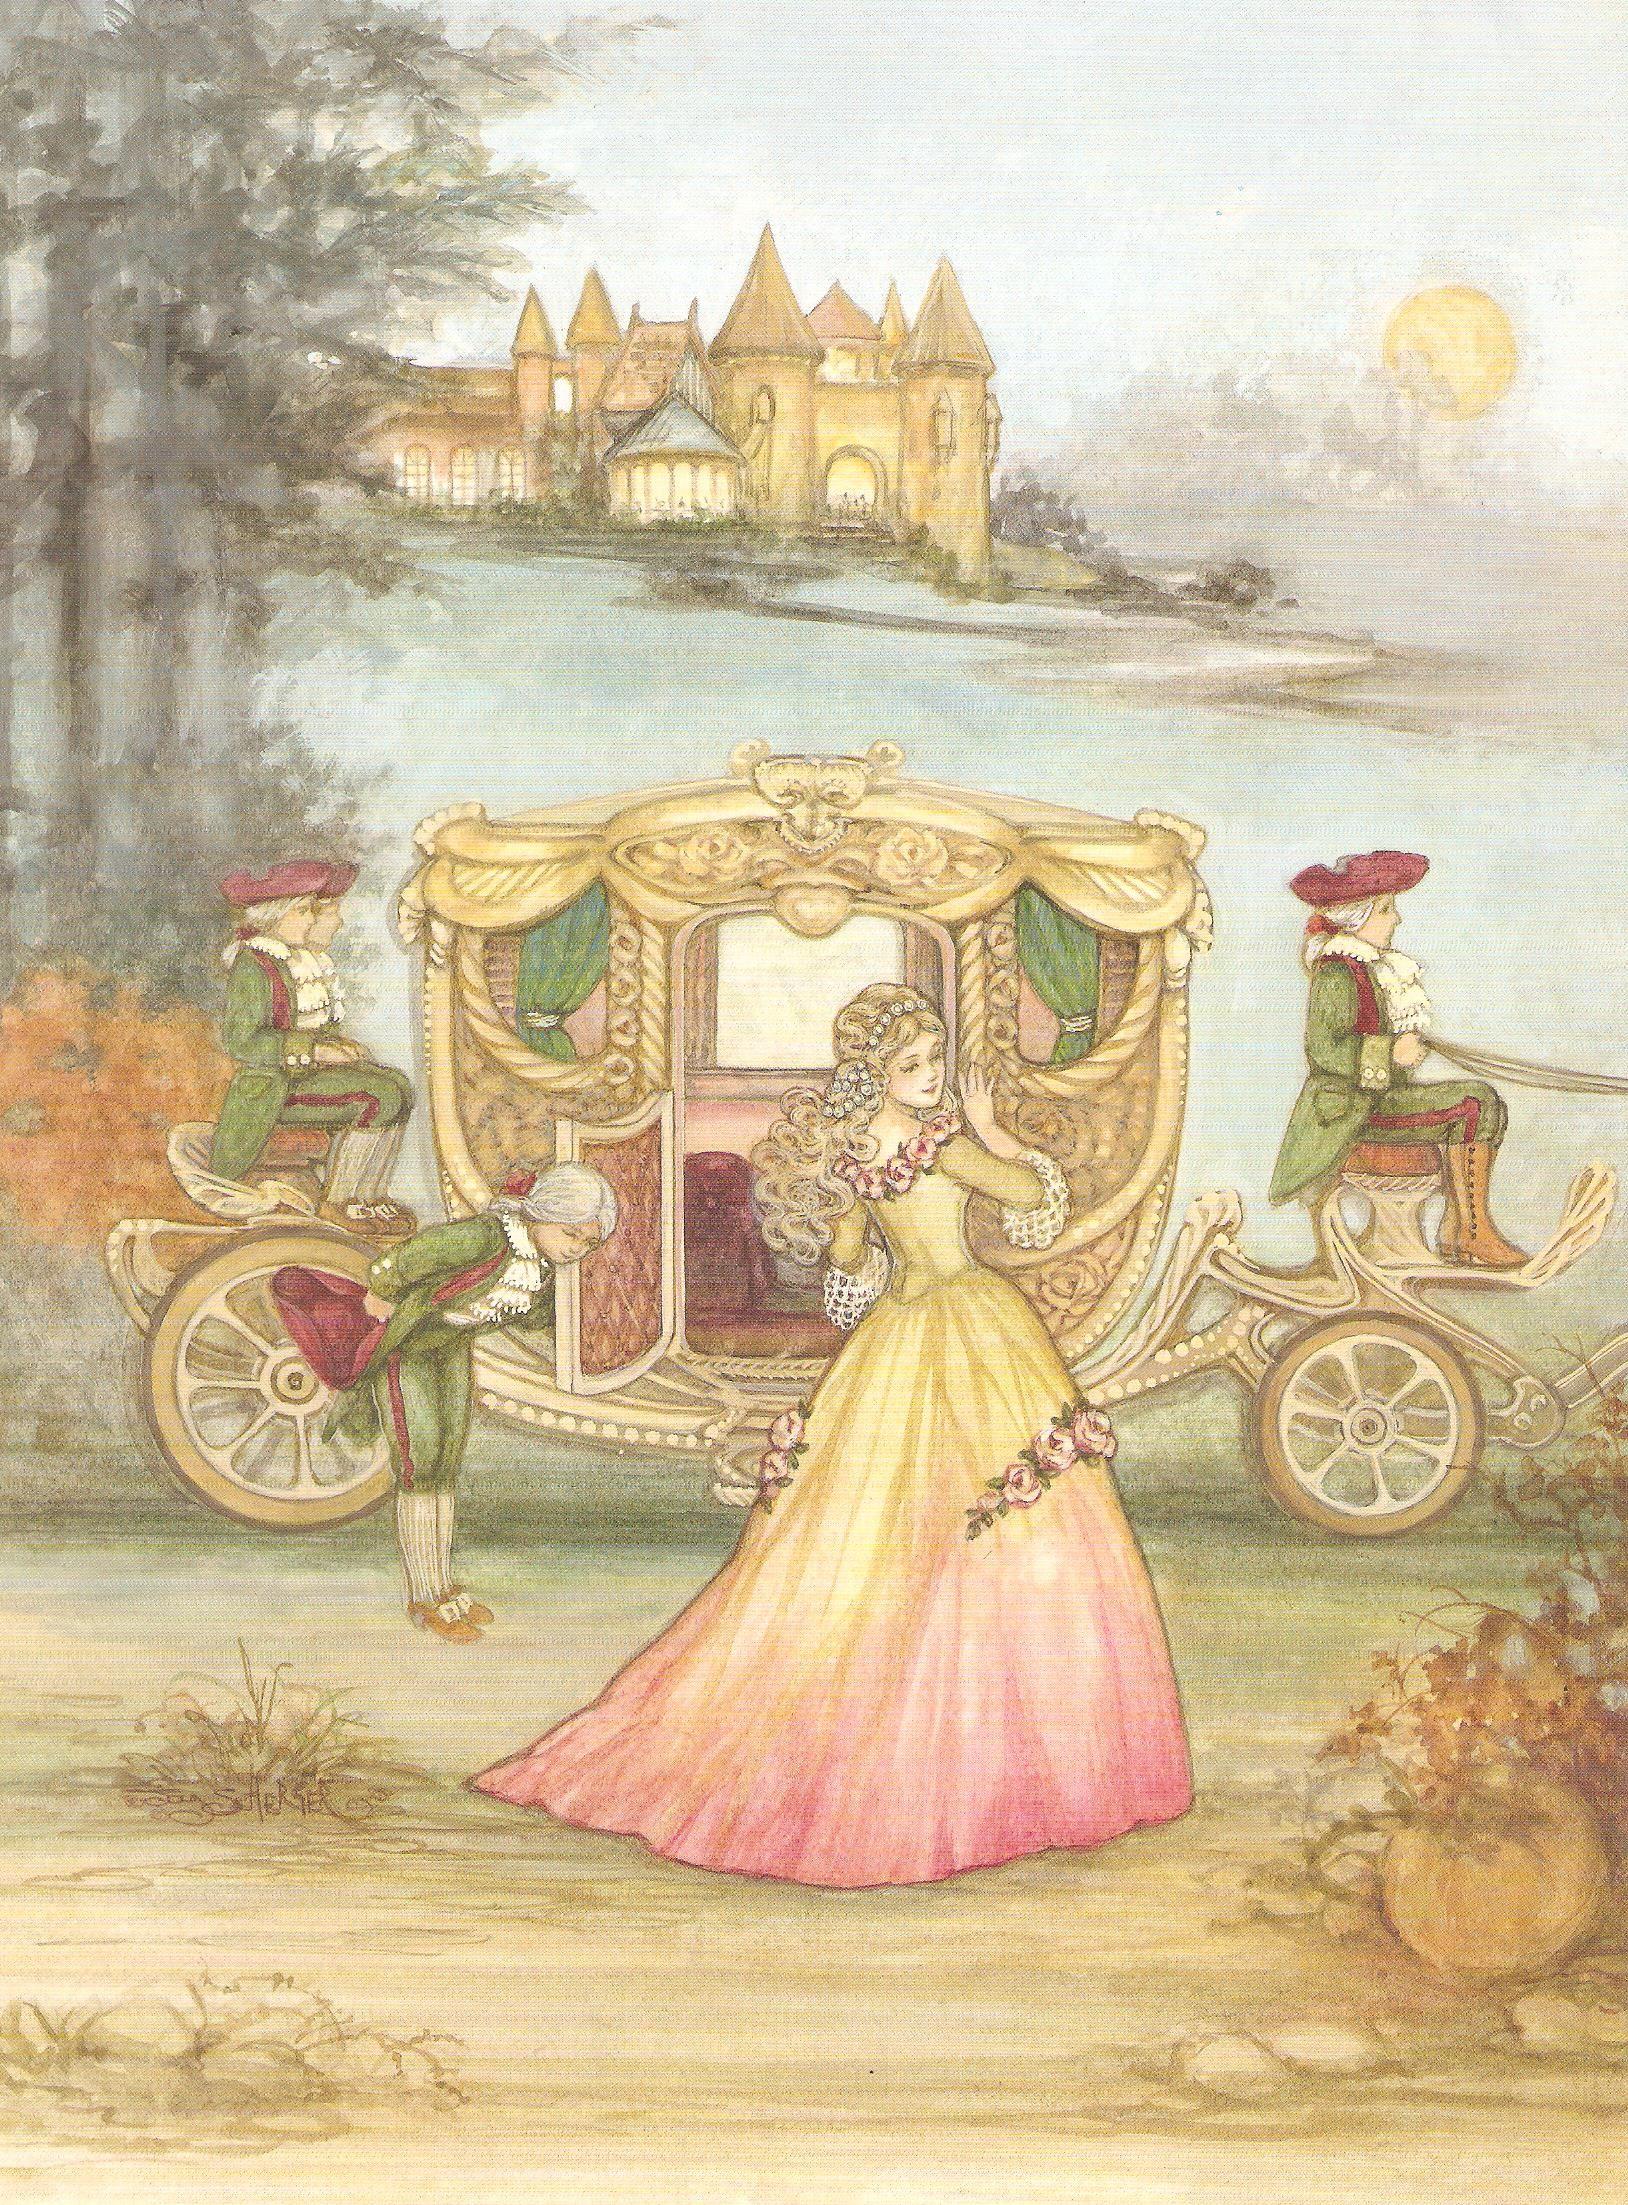 Картинка из книги золушка